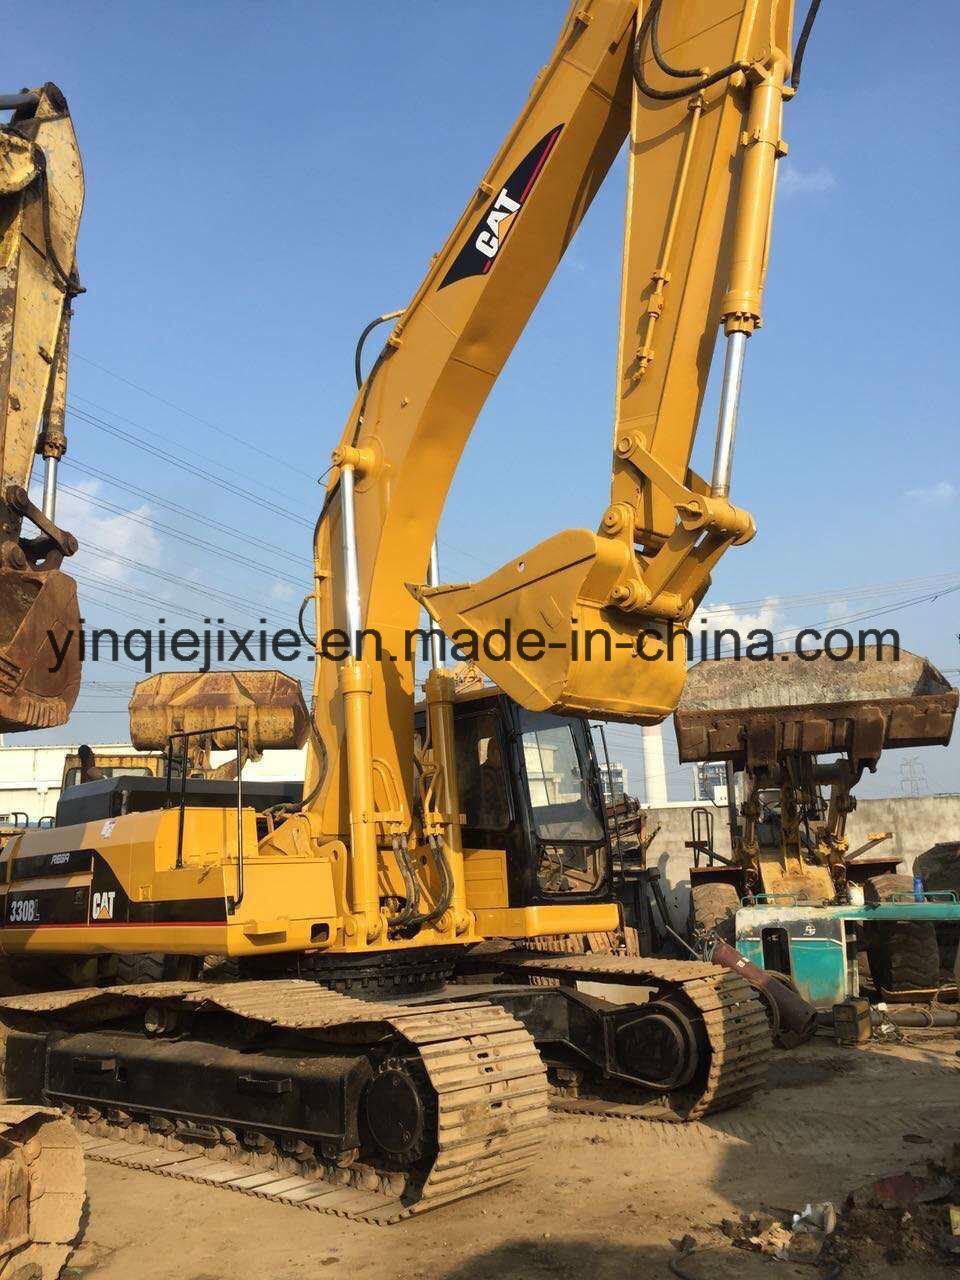 [Hot Item] Used Caterpillar Excavator 330b, Cat 330bl, 320b, 349d, 349e  Excavator for Sale